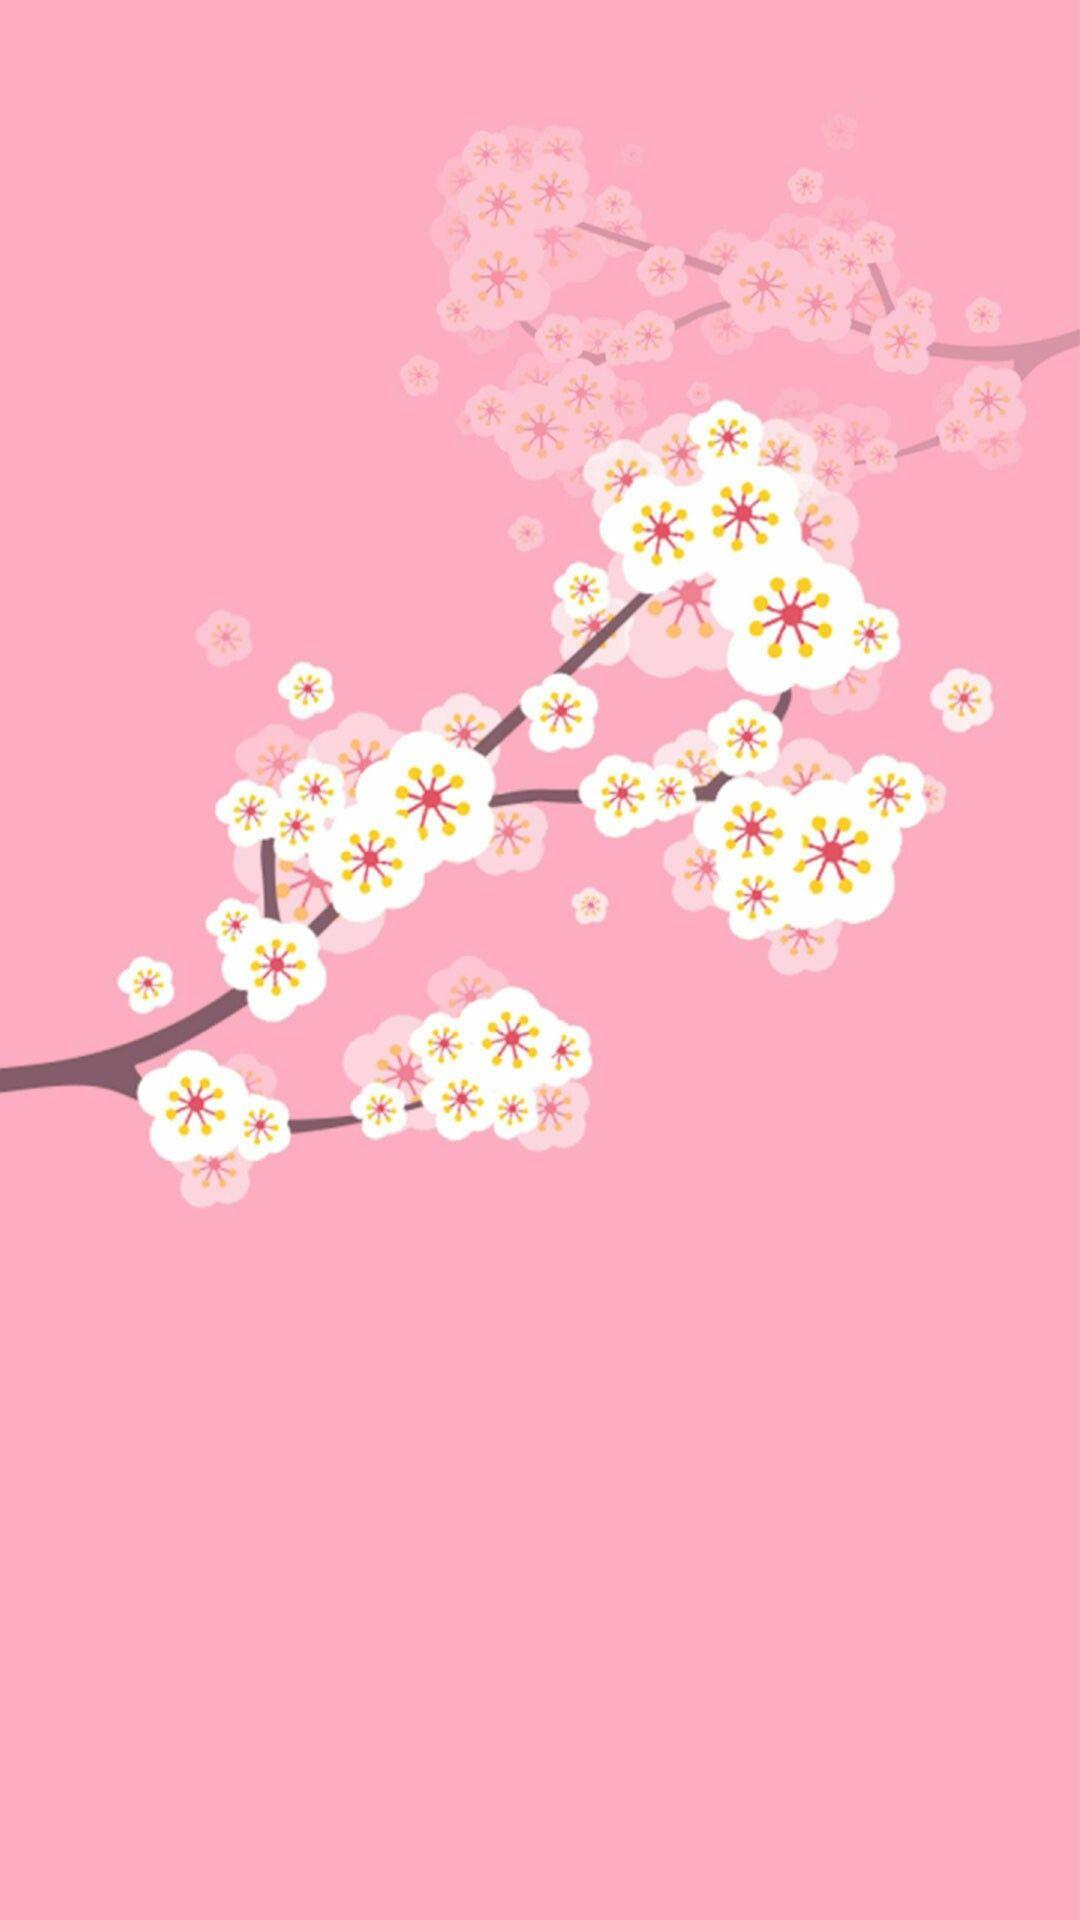 Pin Oleh Taelove Di Wallpapers Bunga